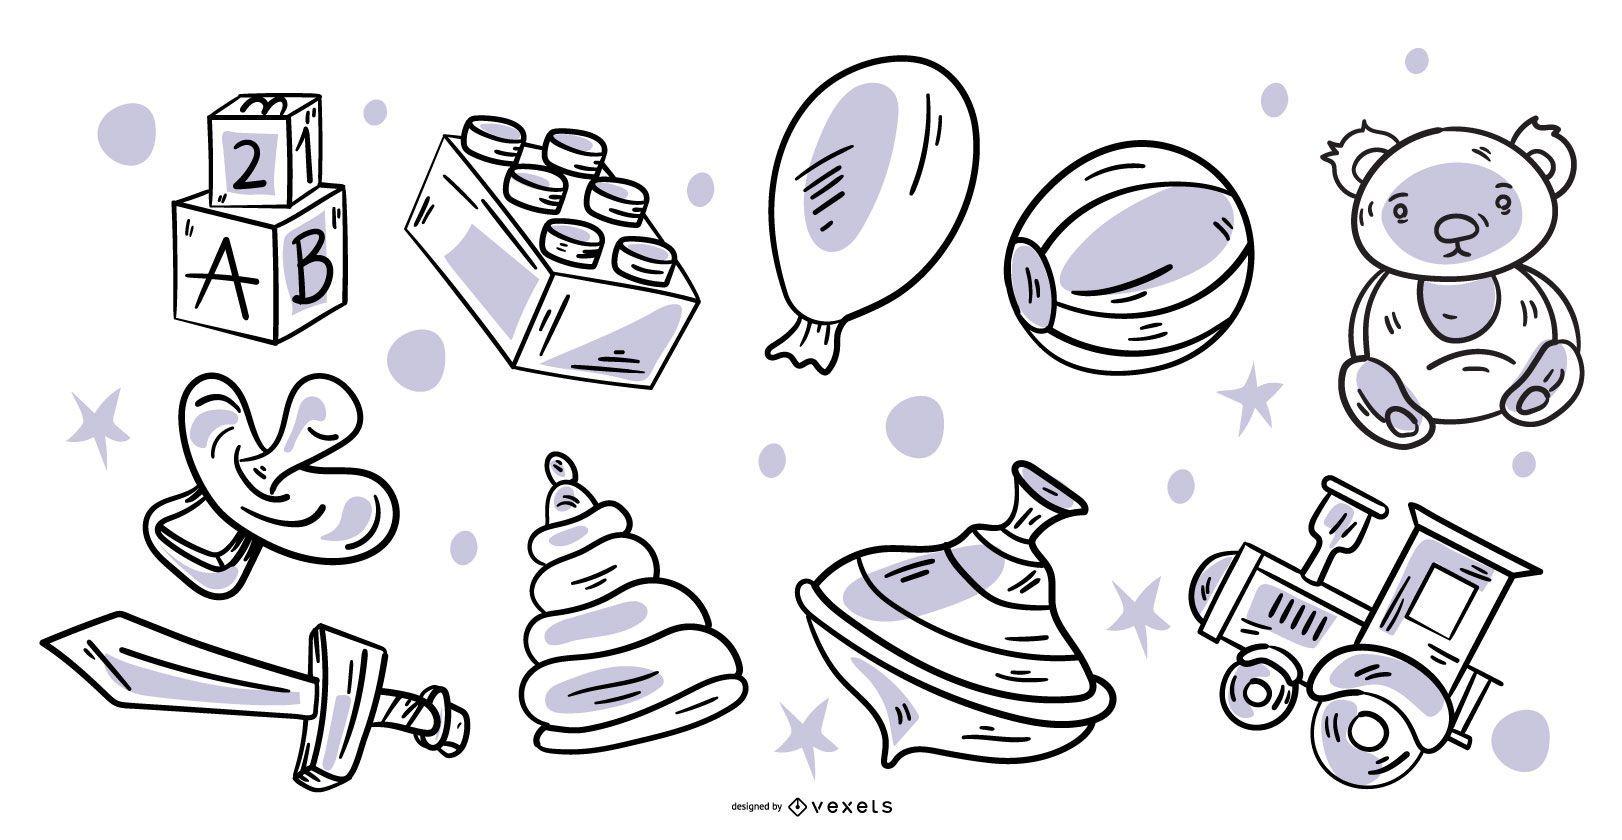 Paquete de elementos de juguete de diseño de trazos